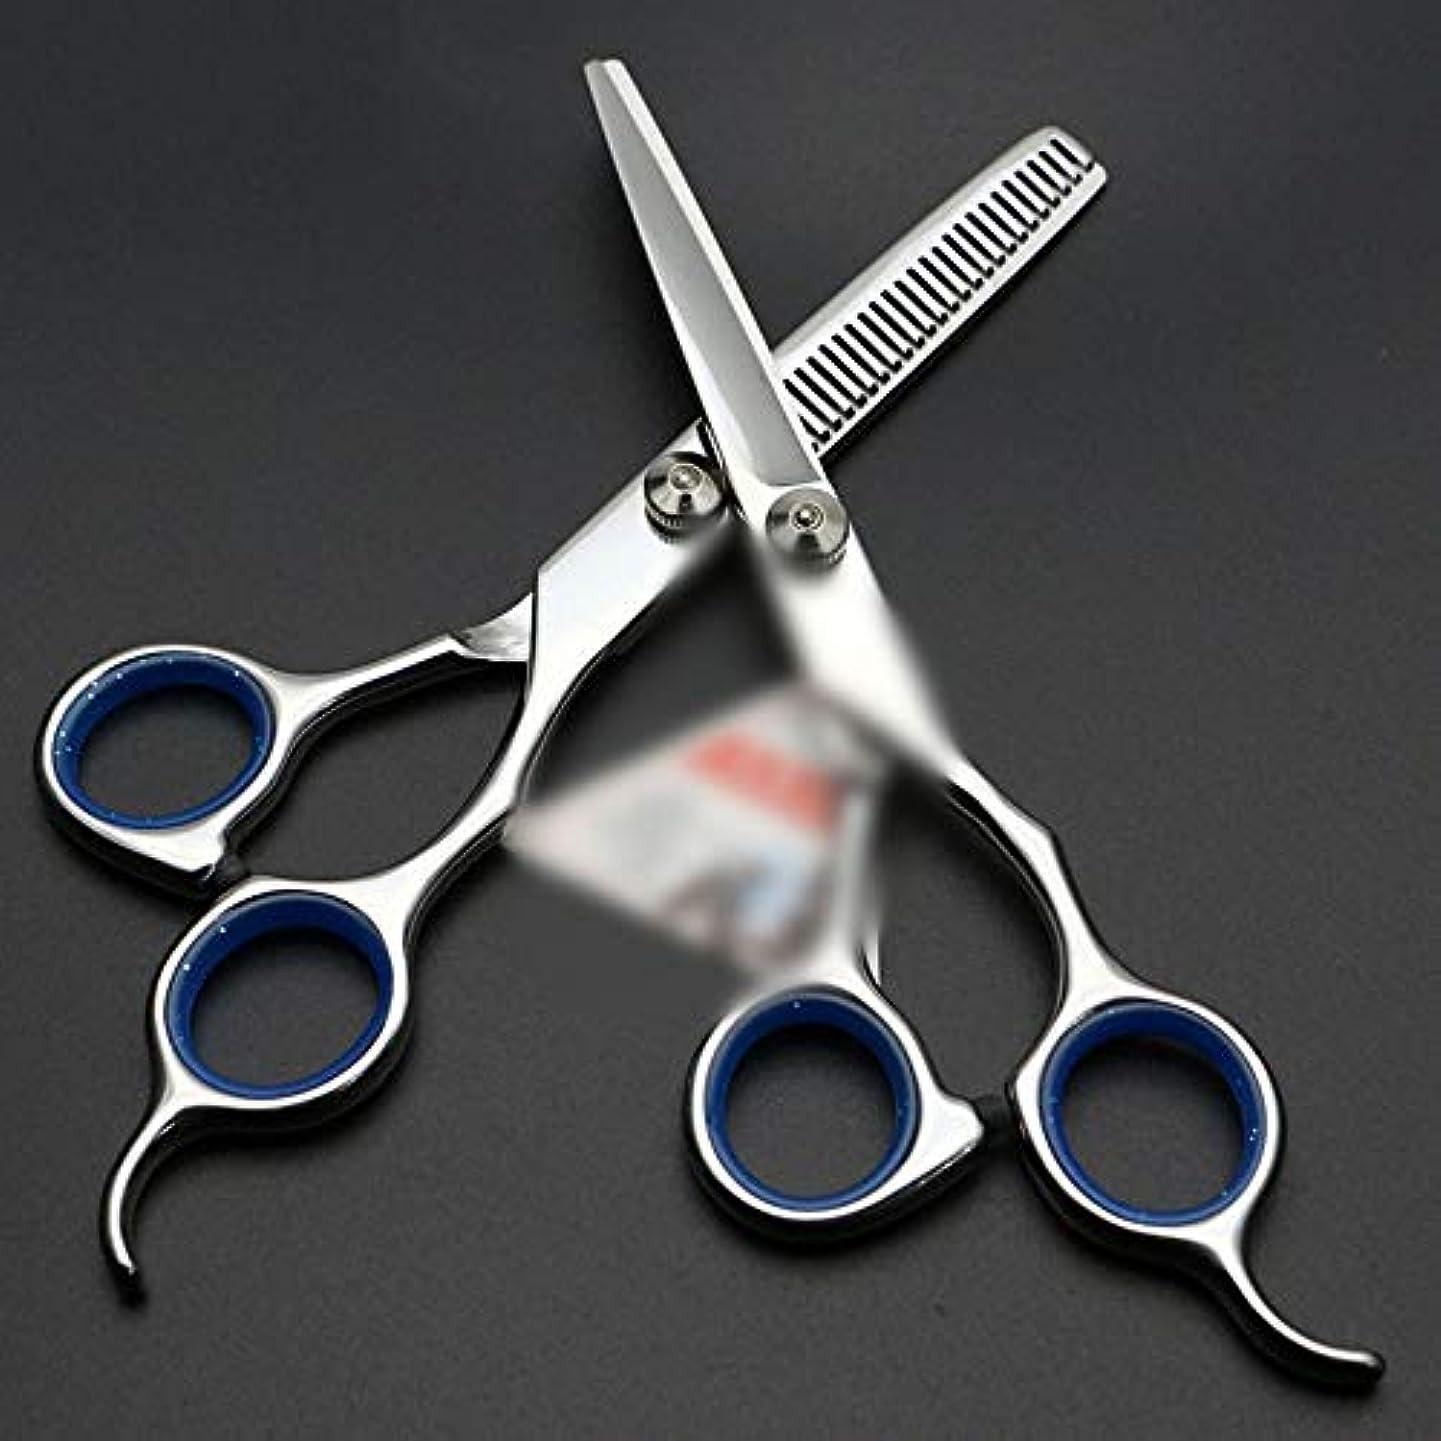 ダブル逸話仮定、想定。推測Hairdressing 6インチ美容院プロフェッショナル理髪はさみセットヘアカットはさみステンレス理髪はさみ (色 : 青)